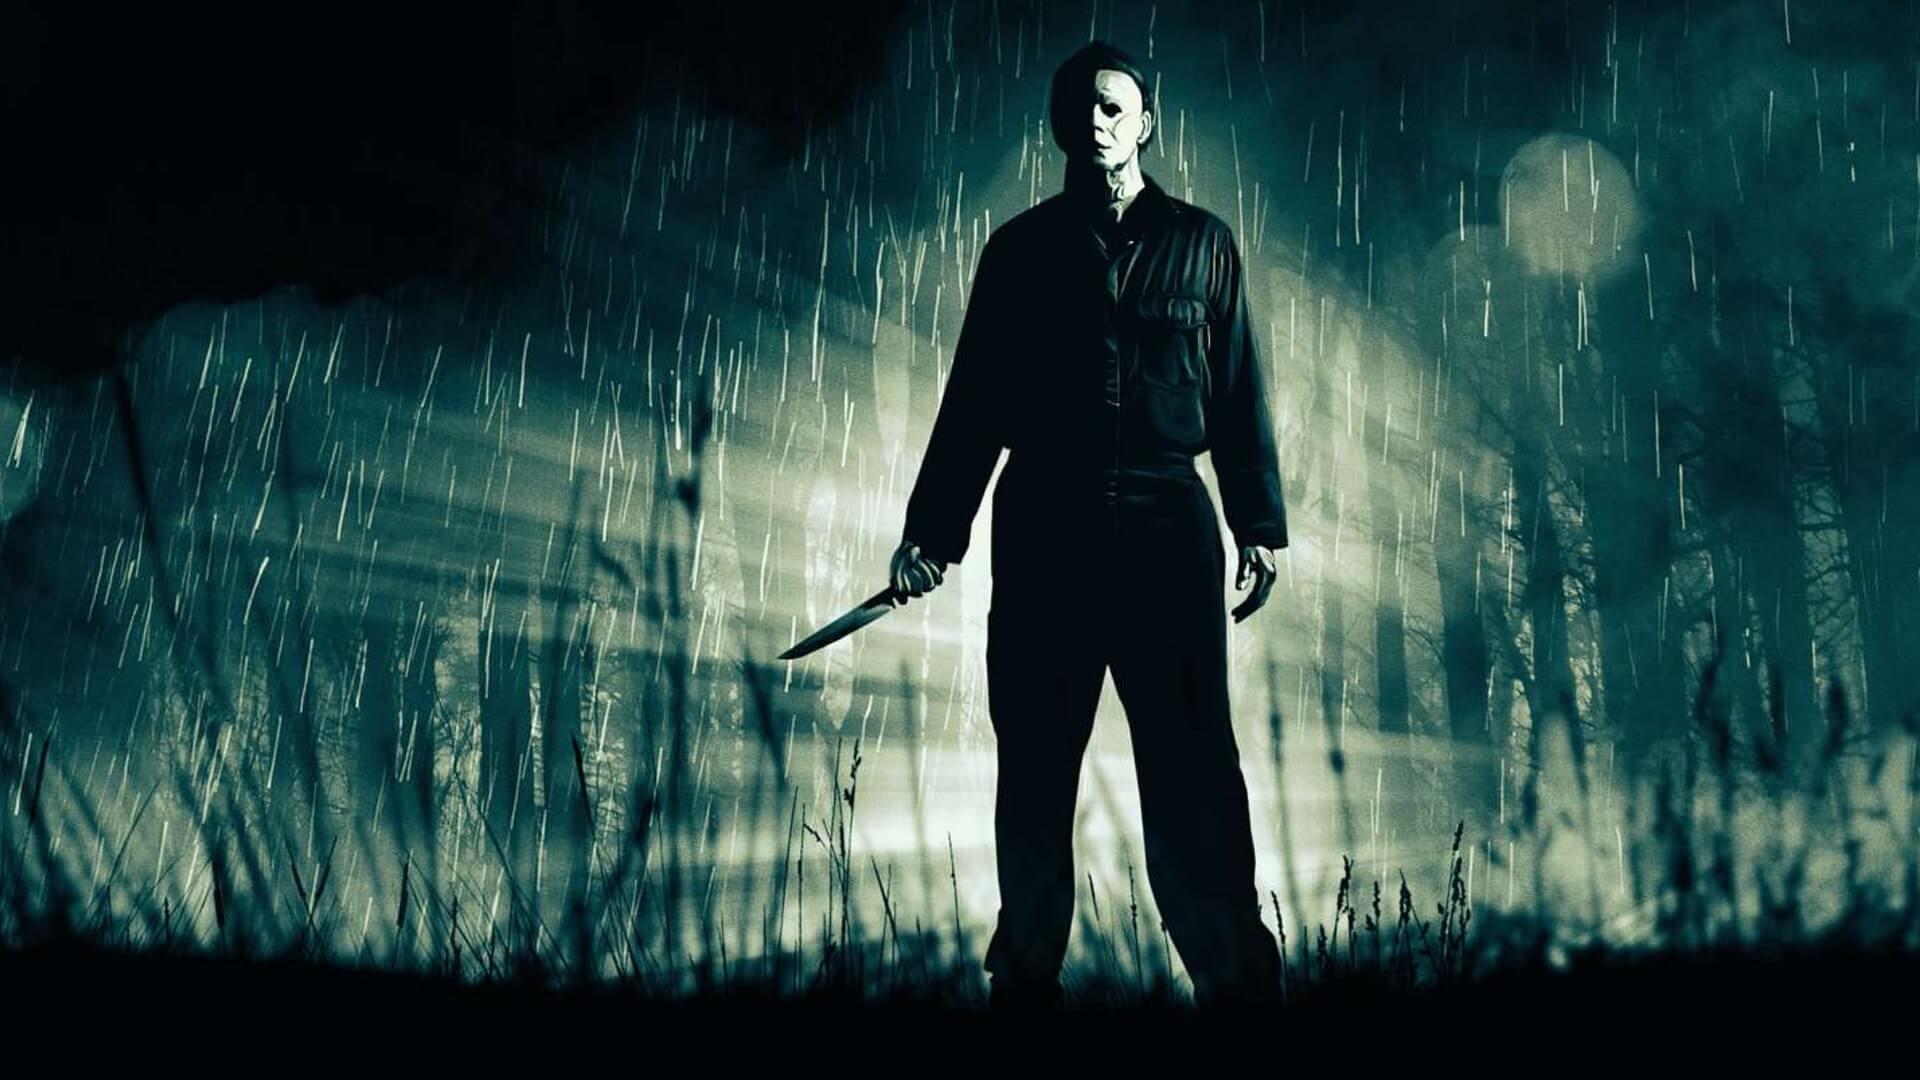 ساخت فیلمی دیگر از مجموعه فیلمهای Halloween